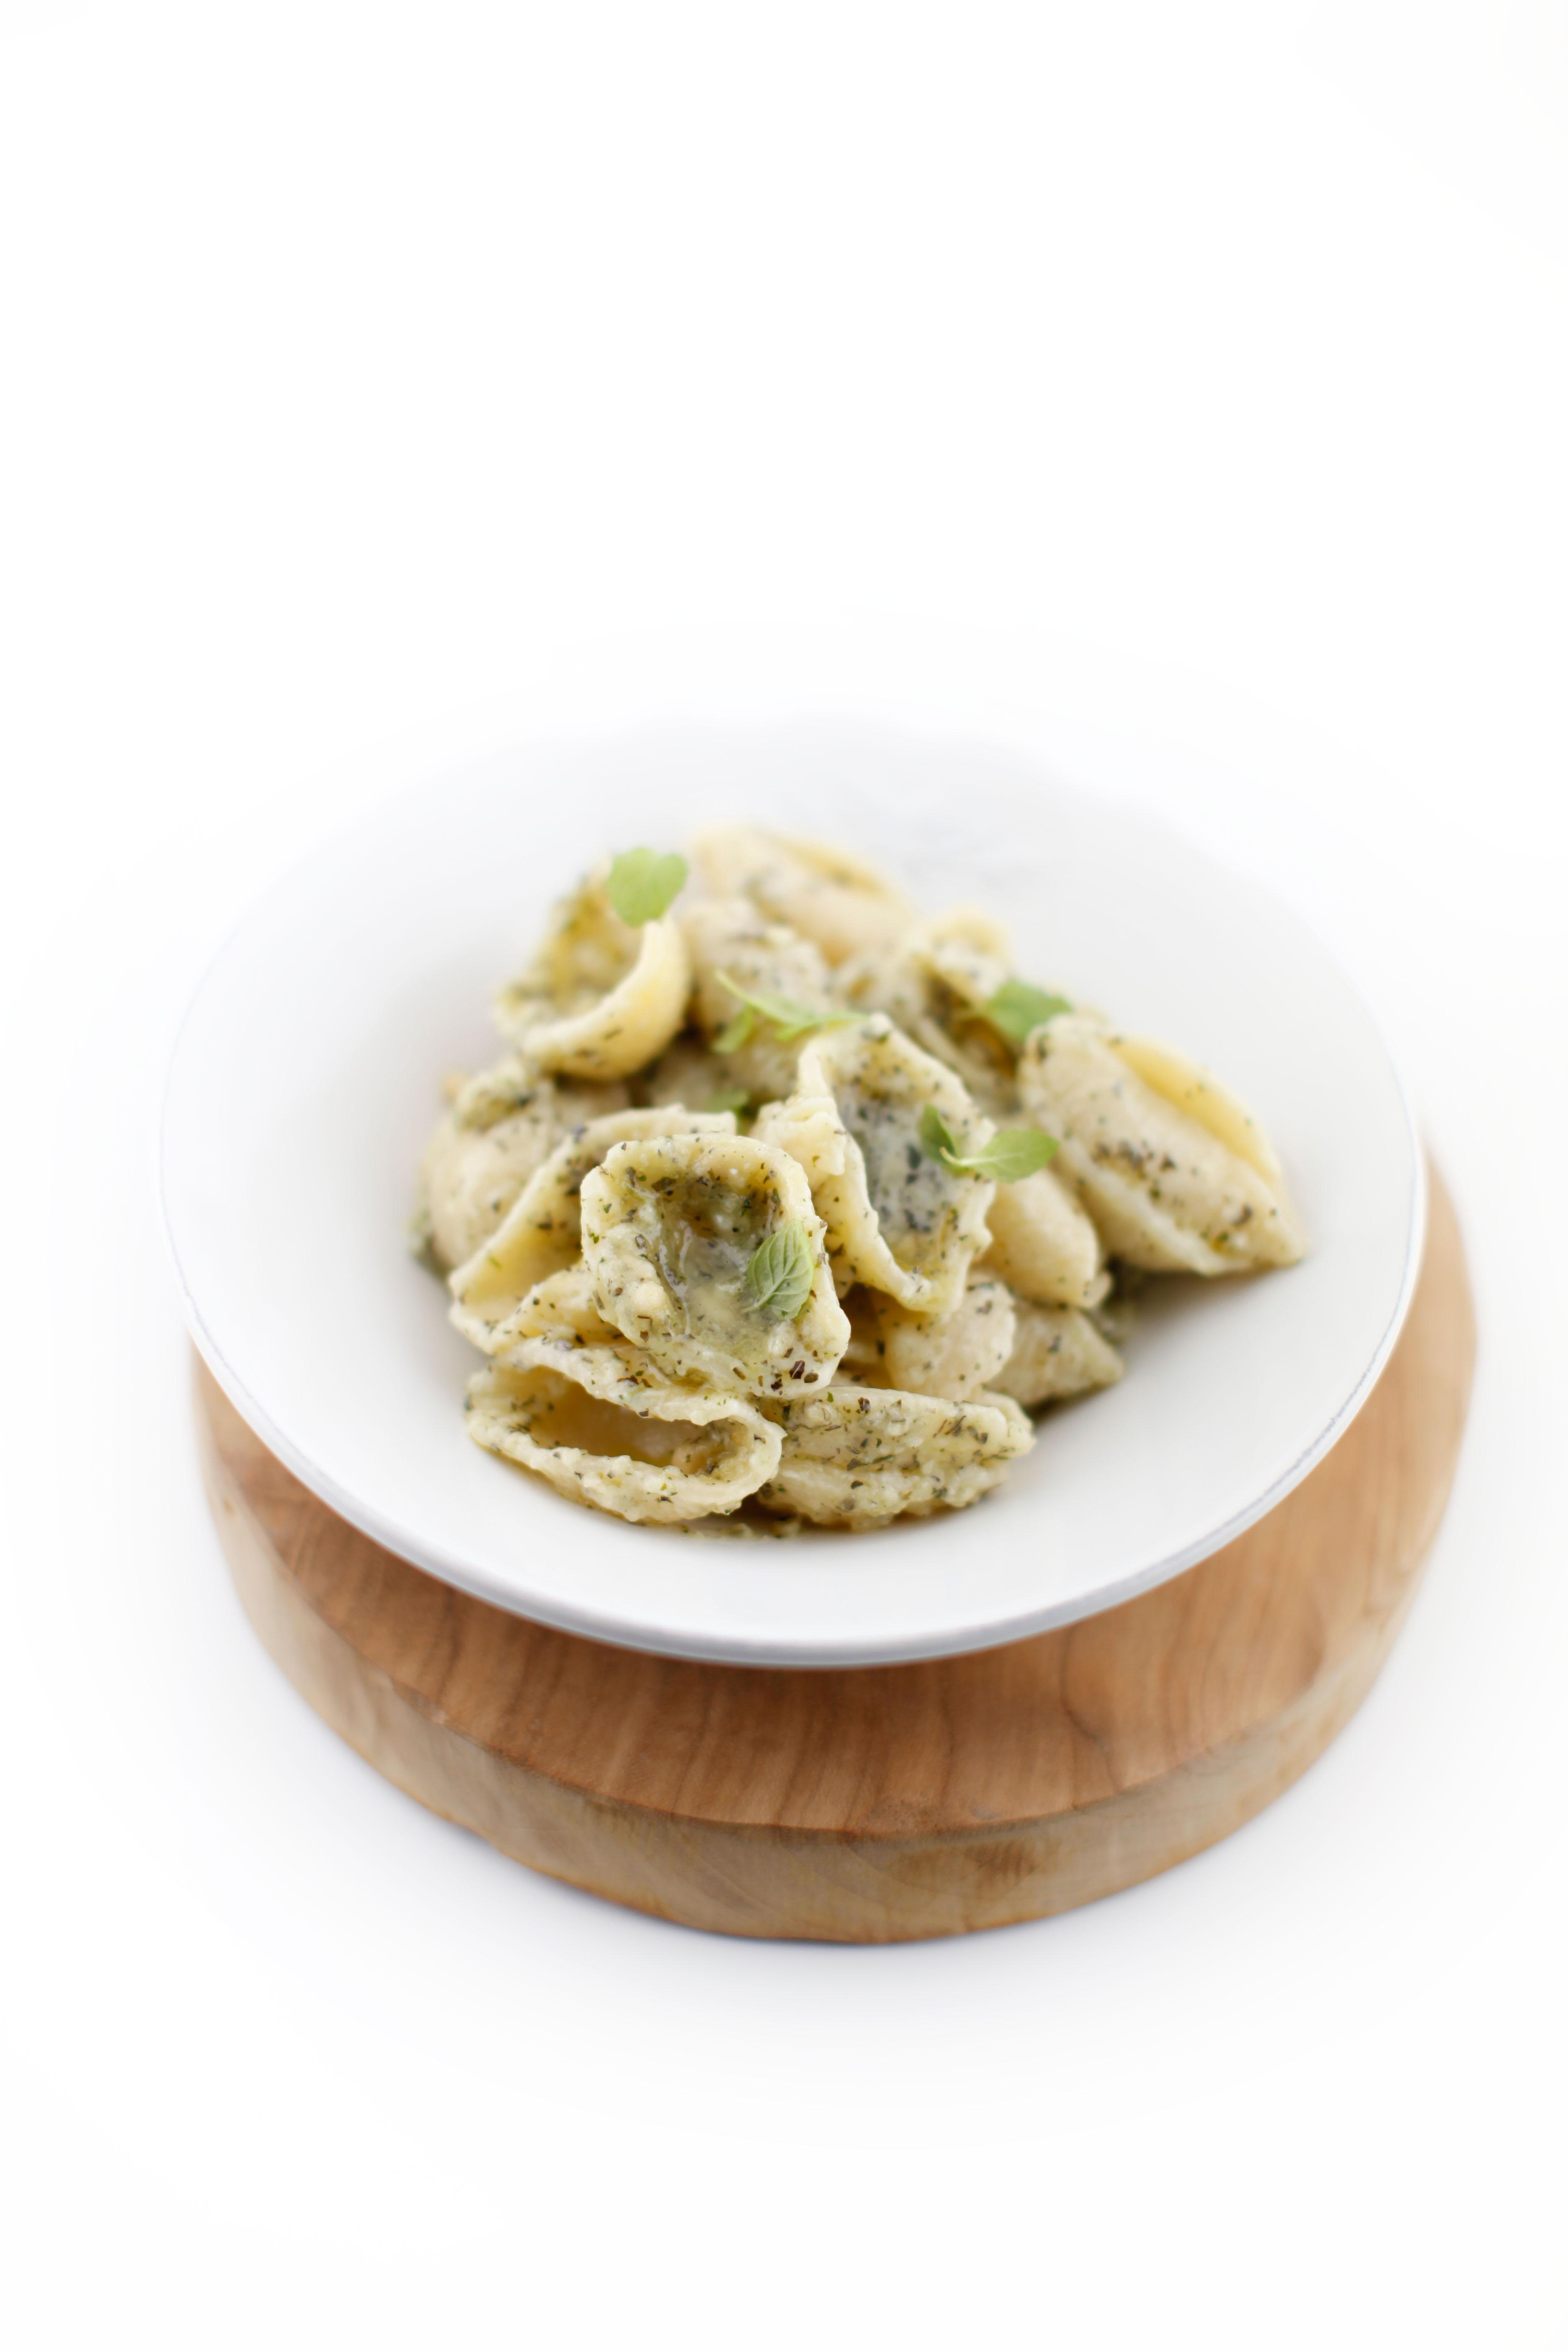 pici-e-castagne-pasta-cacio-e-menta-2